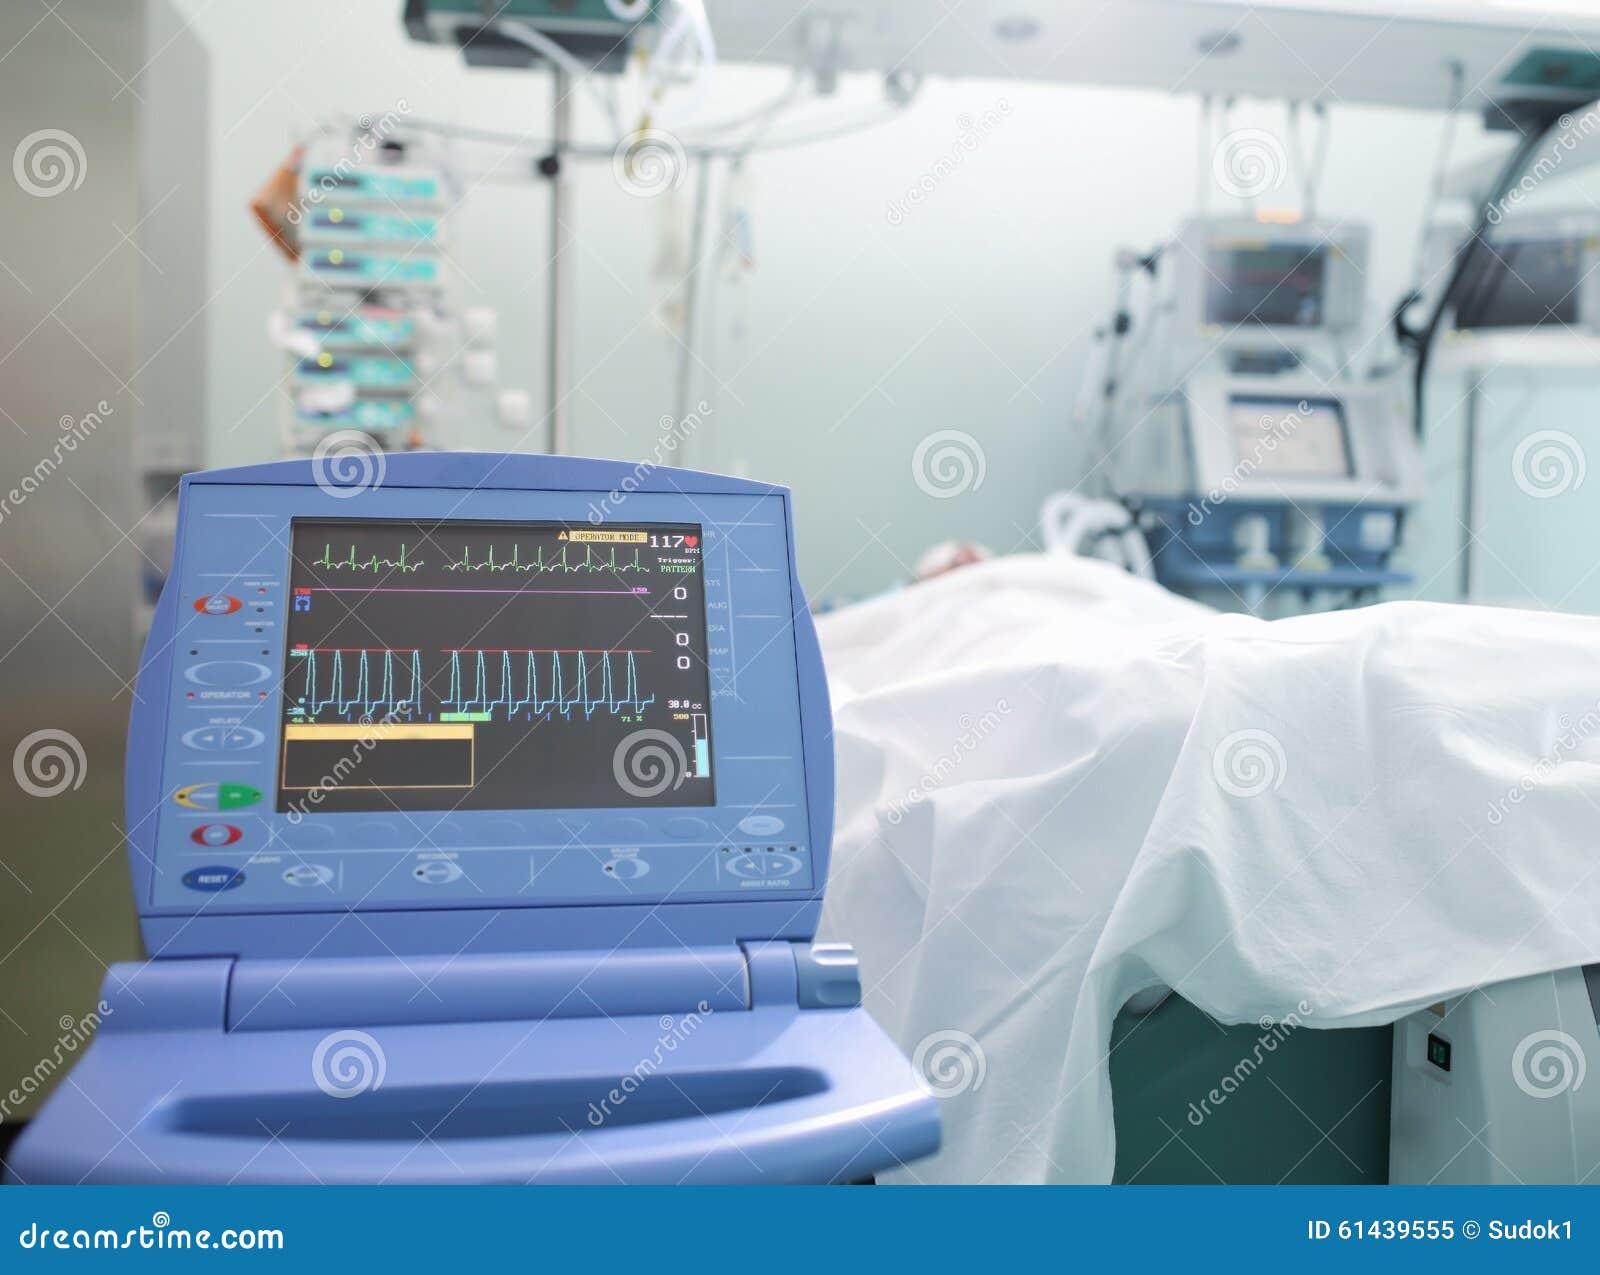 Überwachung Des Unbewussten Patienten Der Herzfunktion Stockbild ...